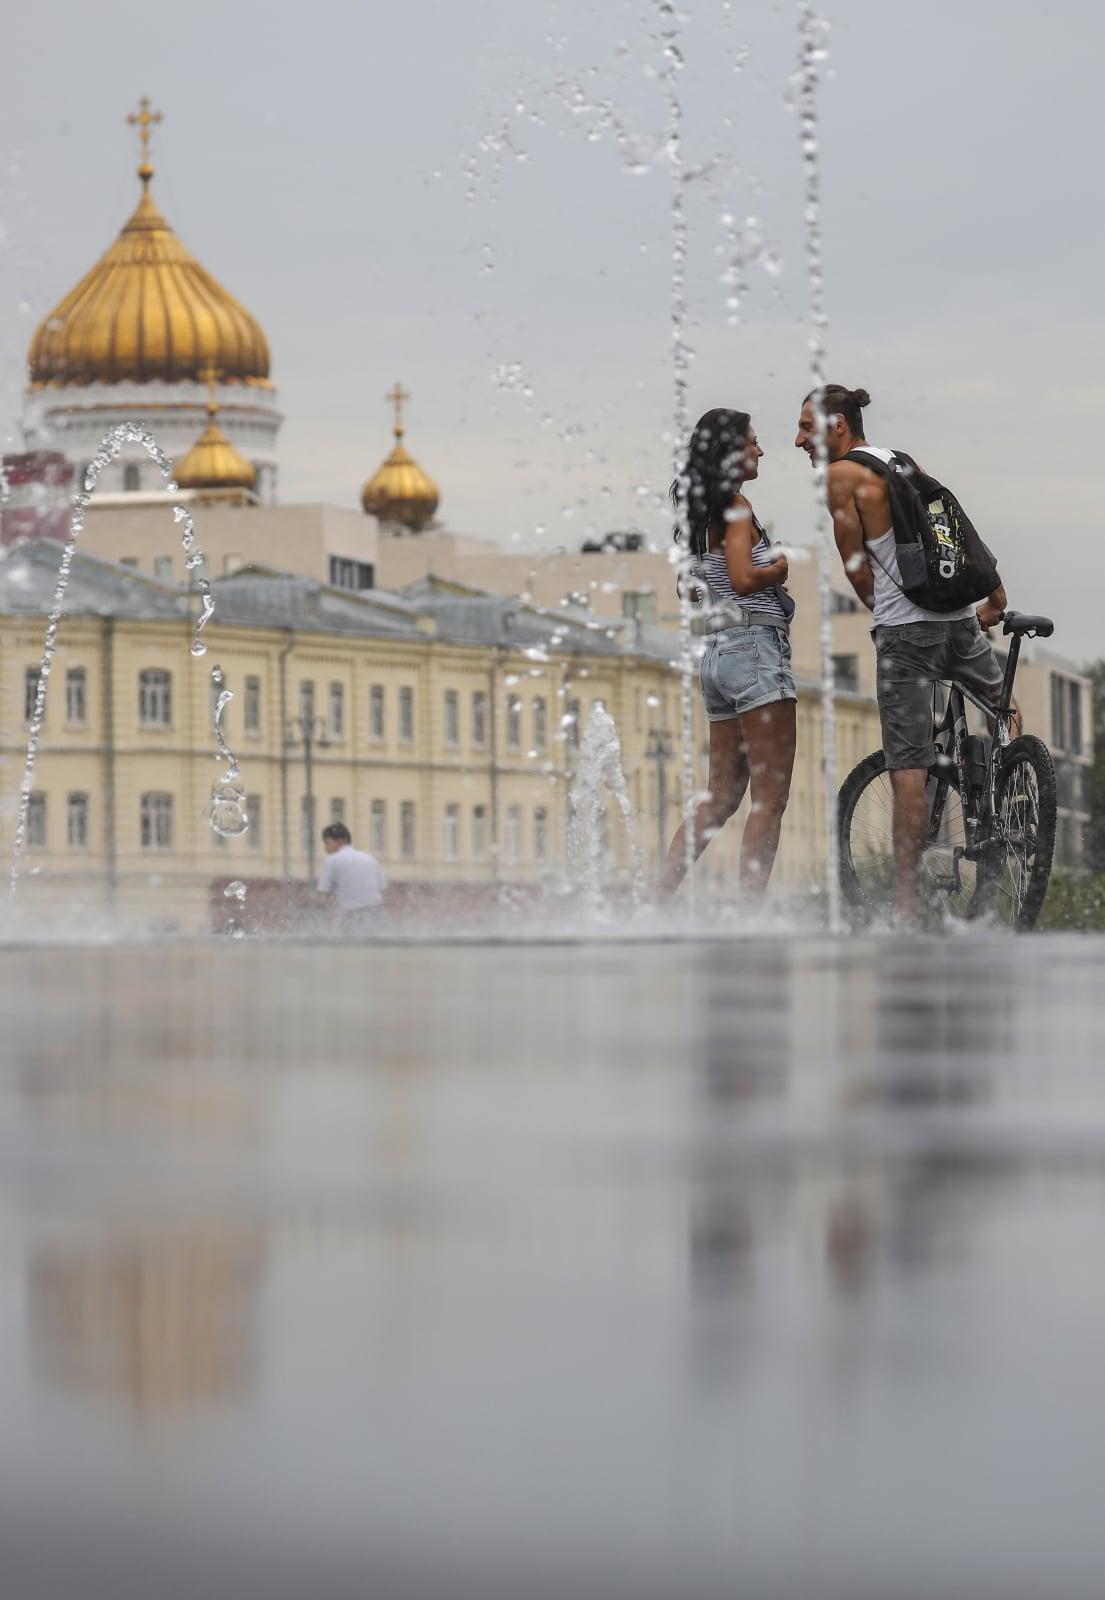 Fontanna przed katedrą Chrystusa Zbawiciela w Moskwie, fot. EPA/SERGEI ILNITSKY